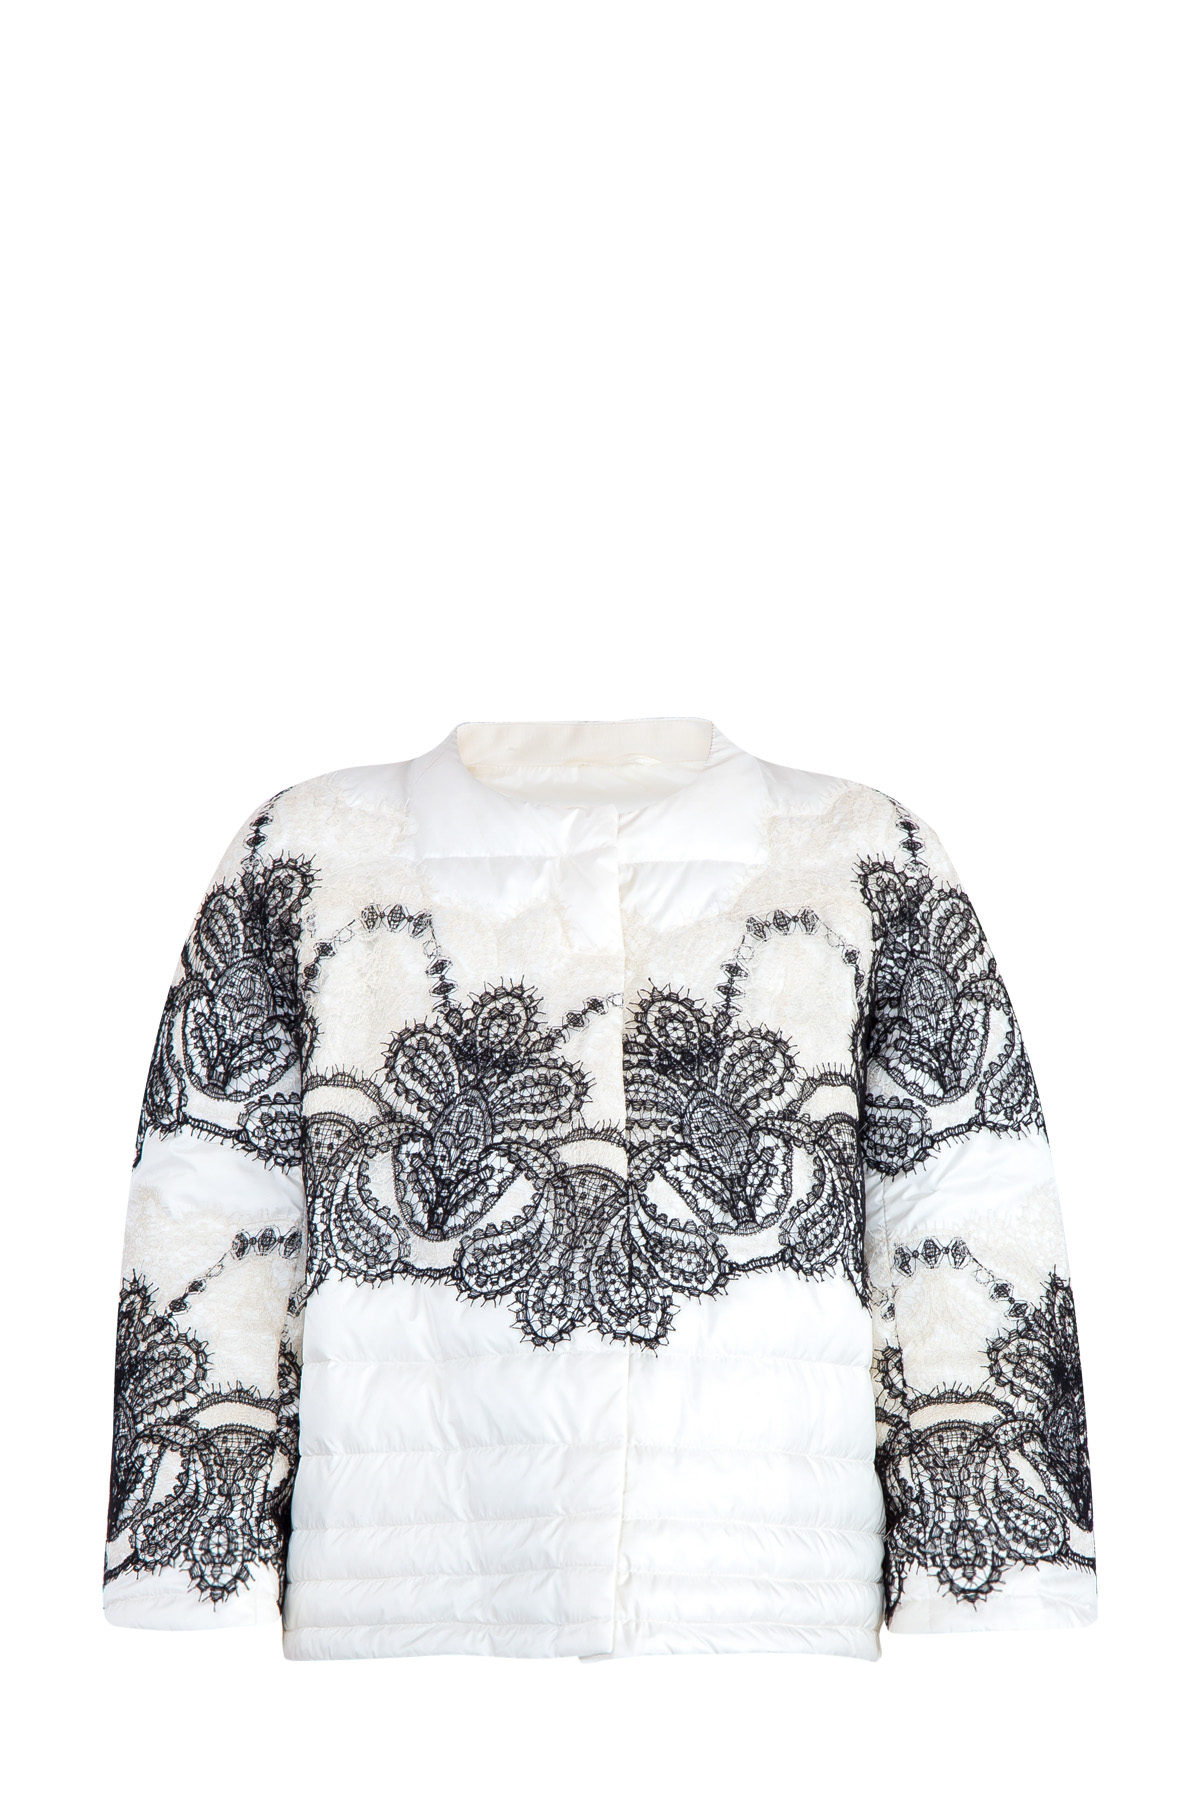 Купить Куртка, ERMANNO SCERVINO, Италия, полиэстер 100%, шелк 60%, полиамид 40%, пух 90%, перо 10%